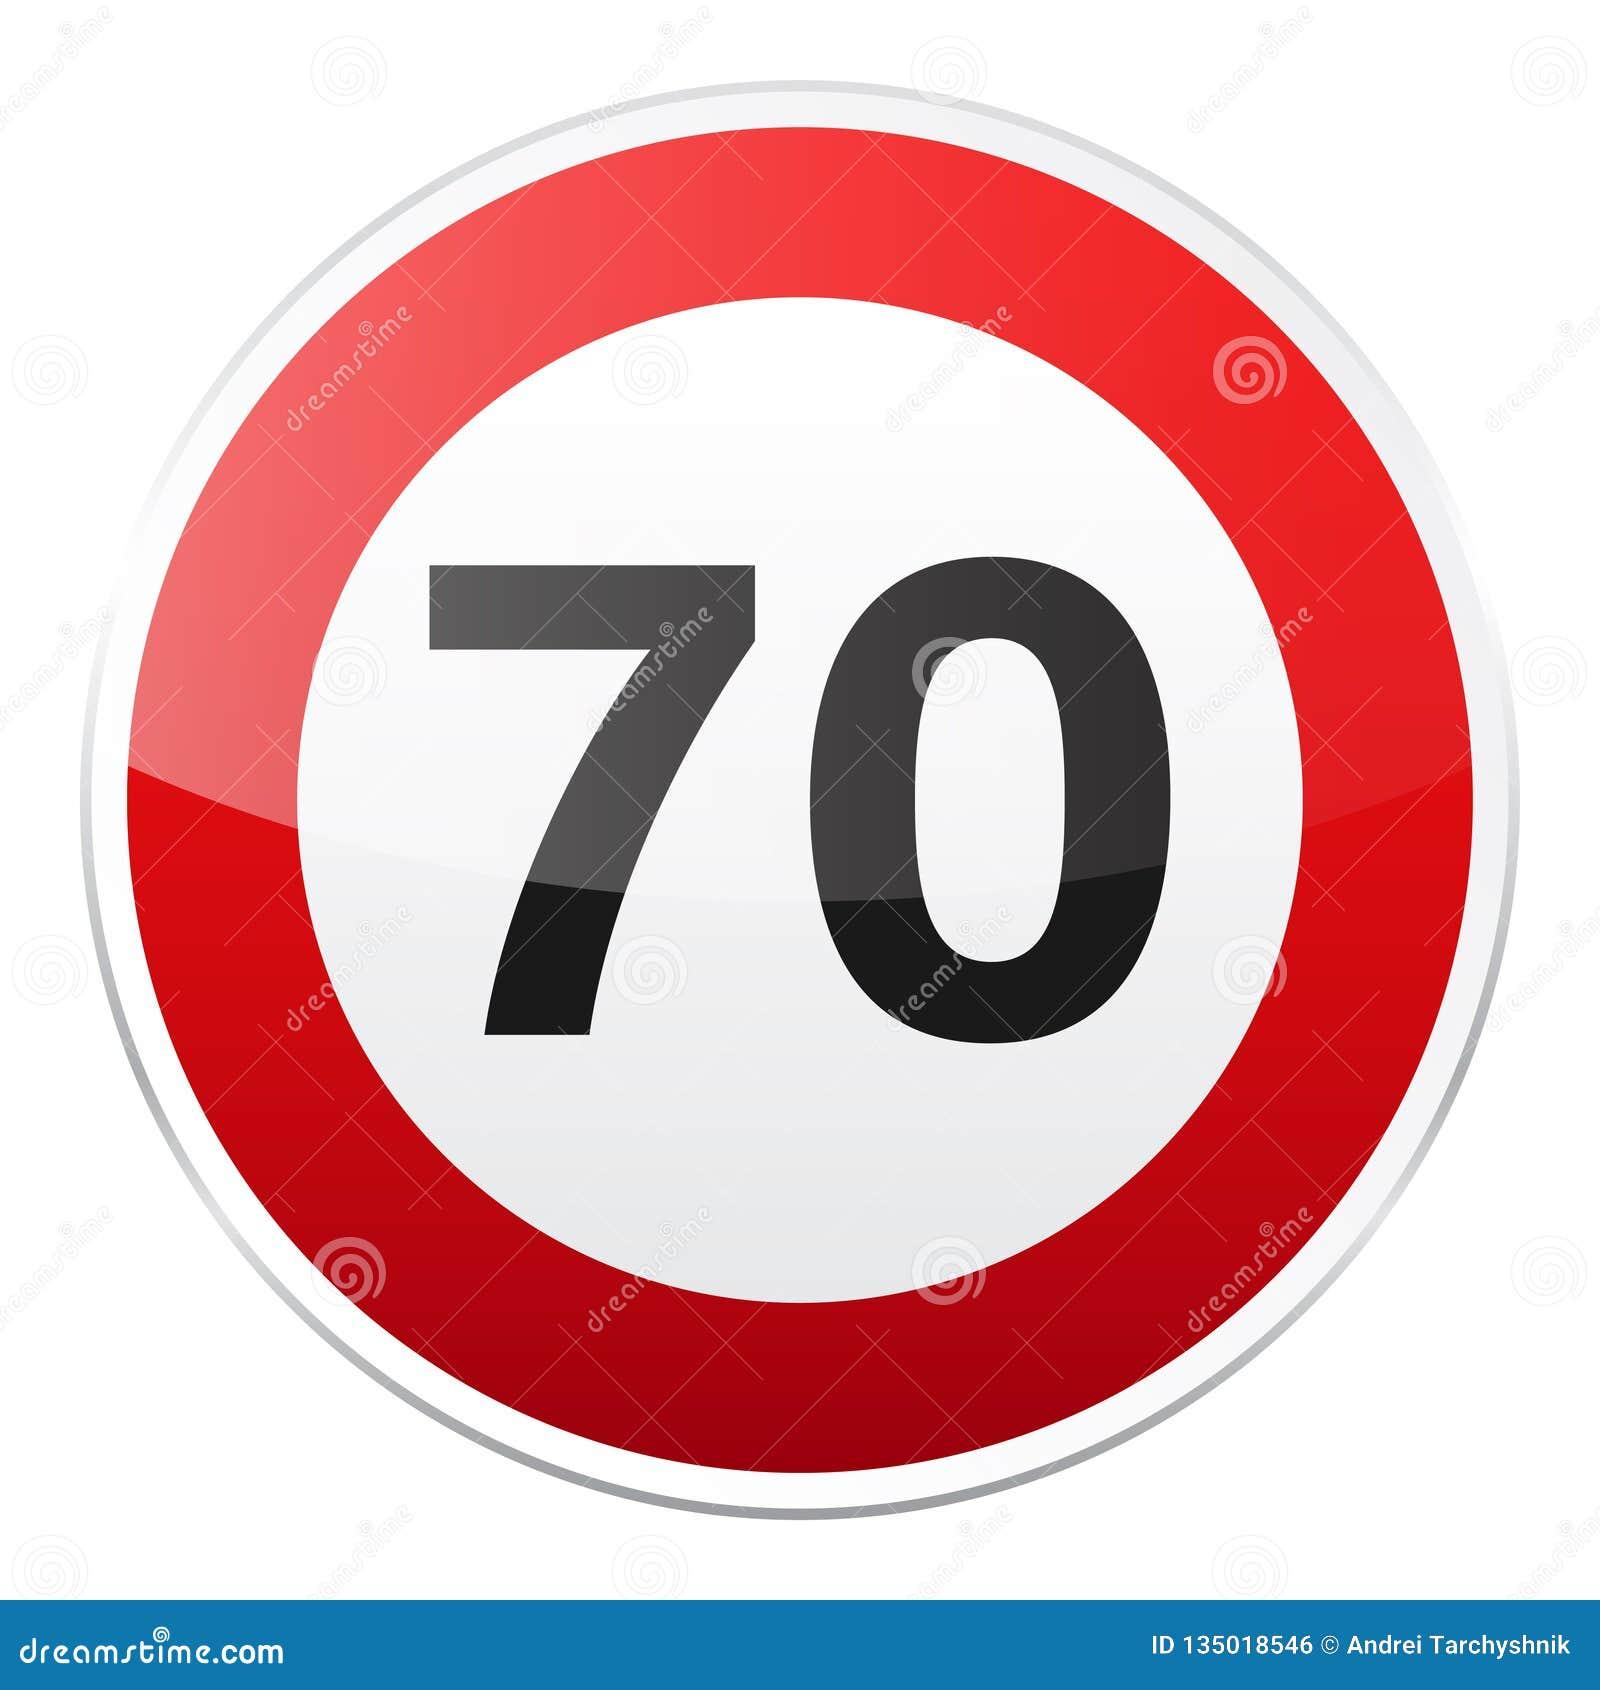 Rött tecken för väg på vit bakgrund Vägtrafikkontroll Grändanvändning Stopp och avkastning Reglerande tecken gata Hastighetsbegrä